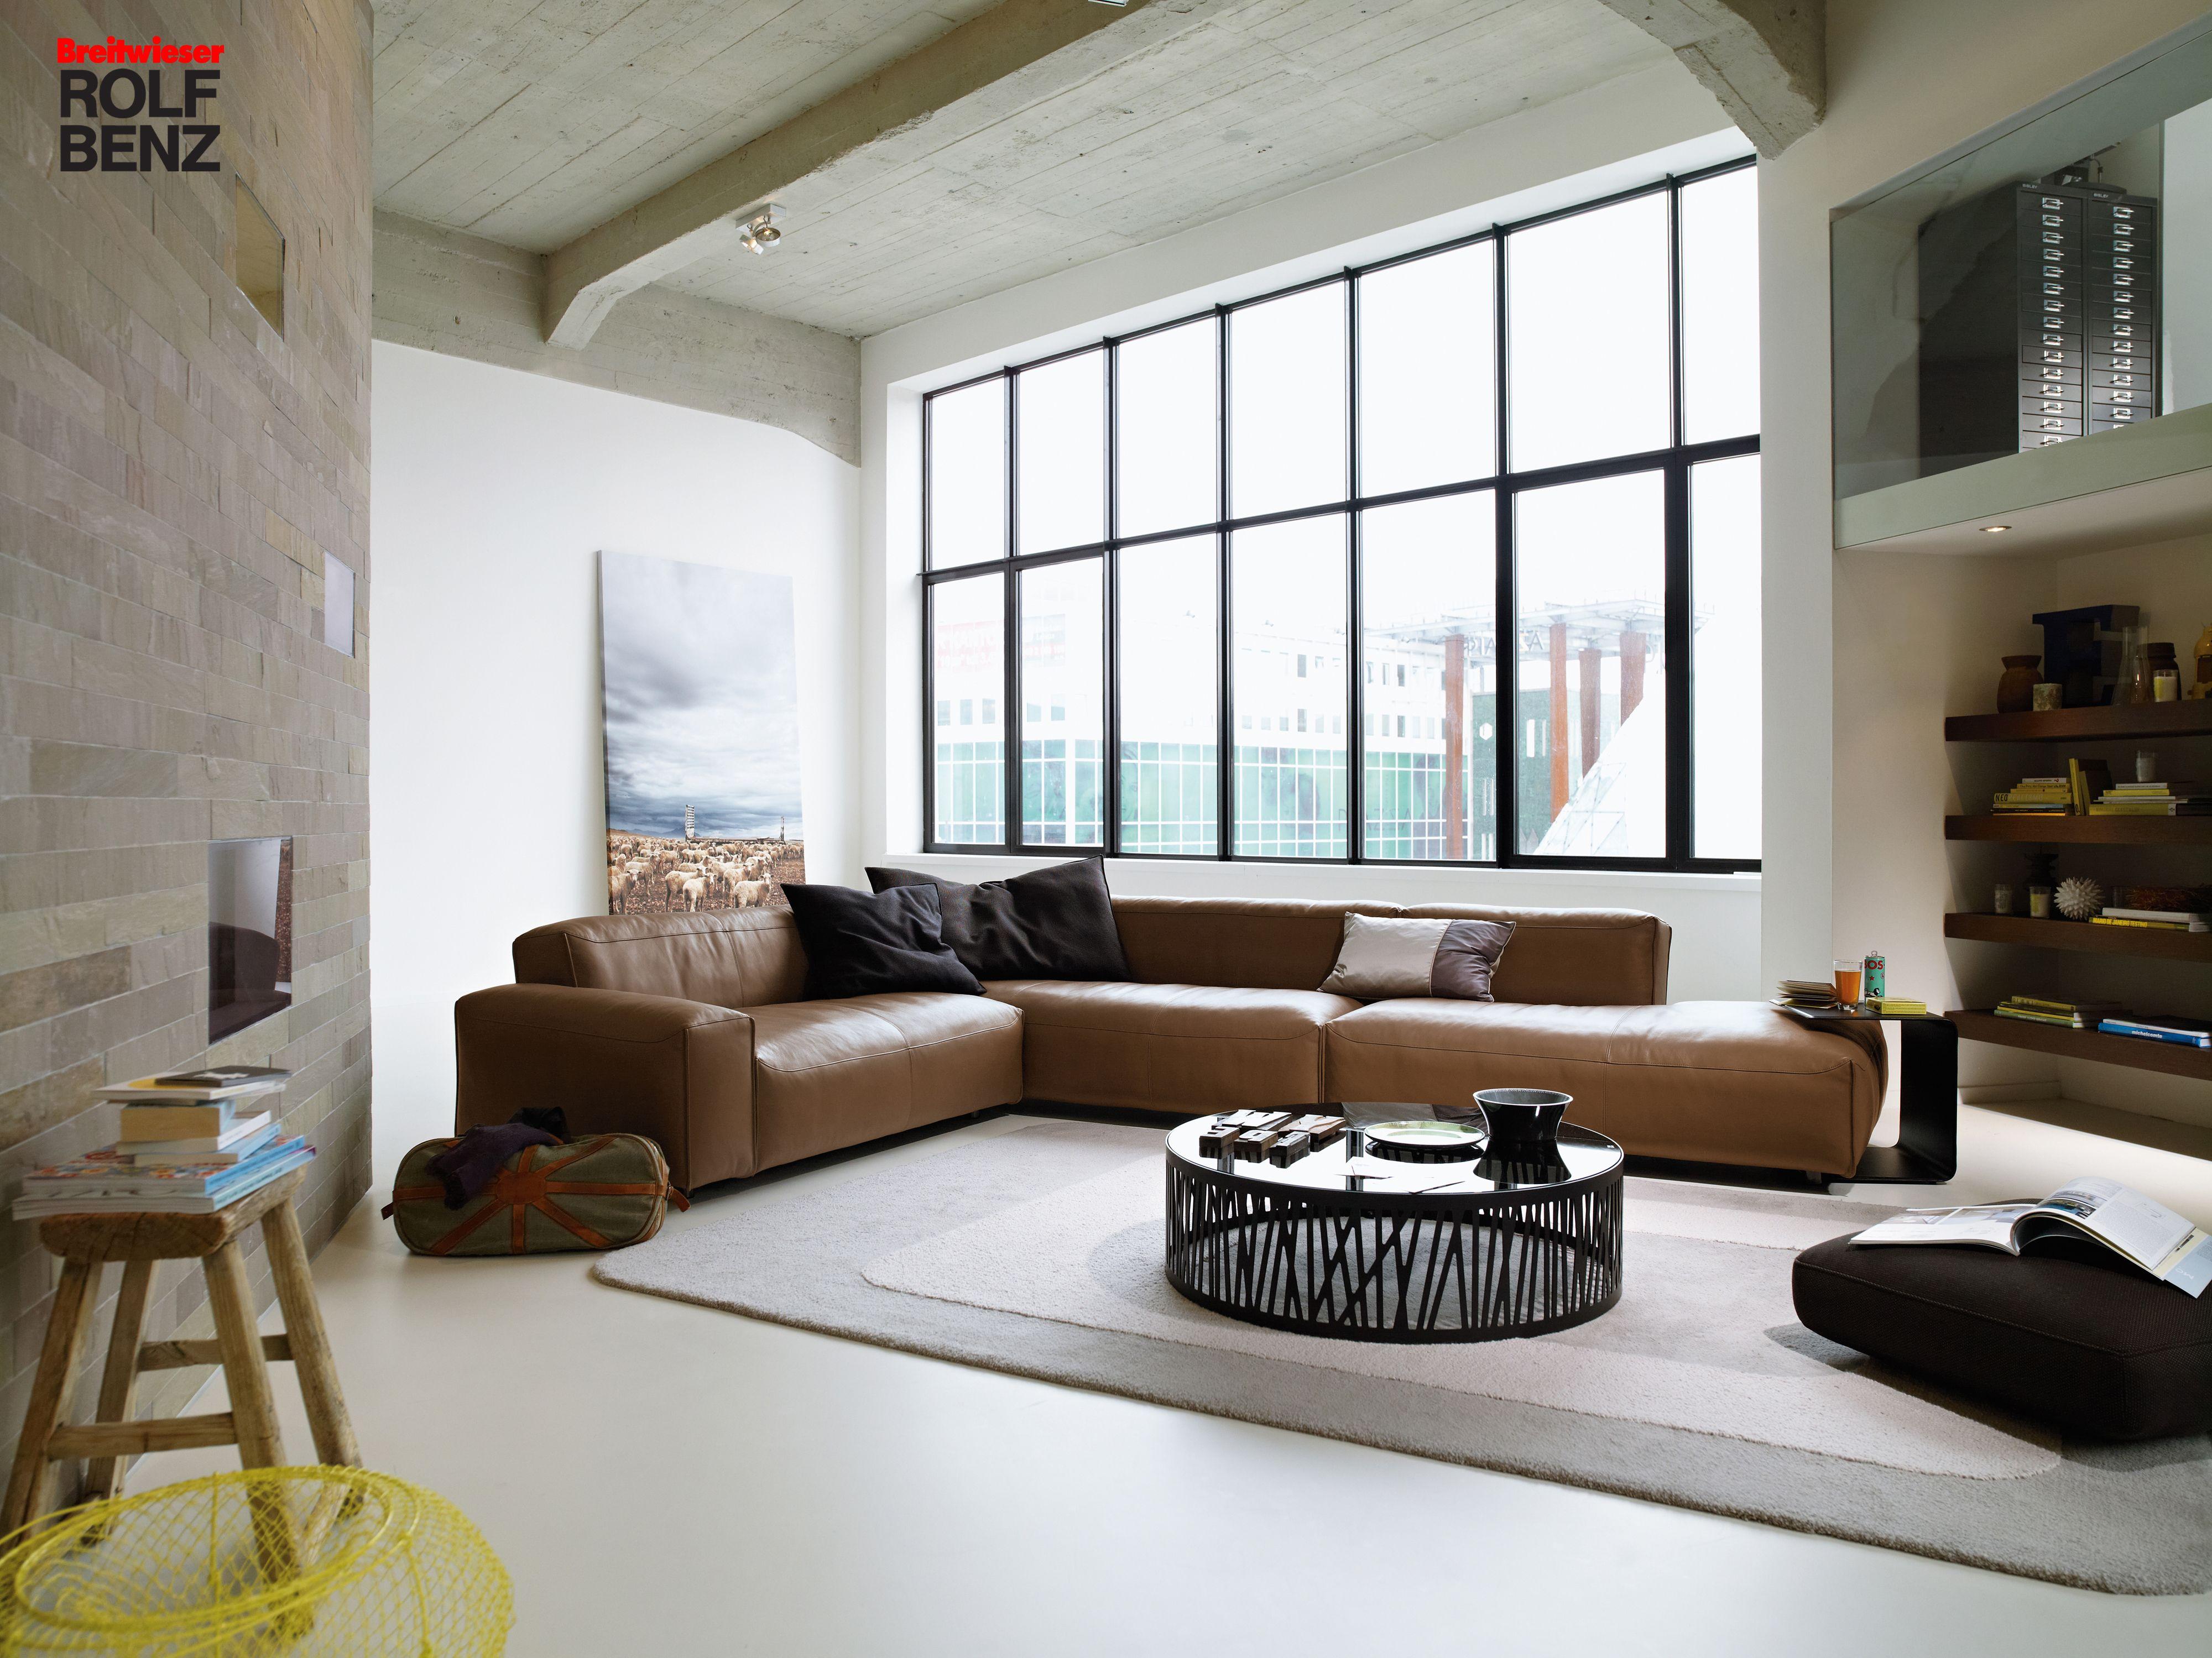 rolf benz bei breitwieser wohnzimmer platz f r die ganze familie pinterest sofa. Black Bedroom Furniture Sets. Home Design Ideas